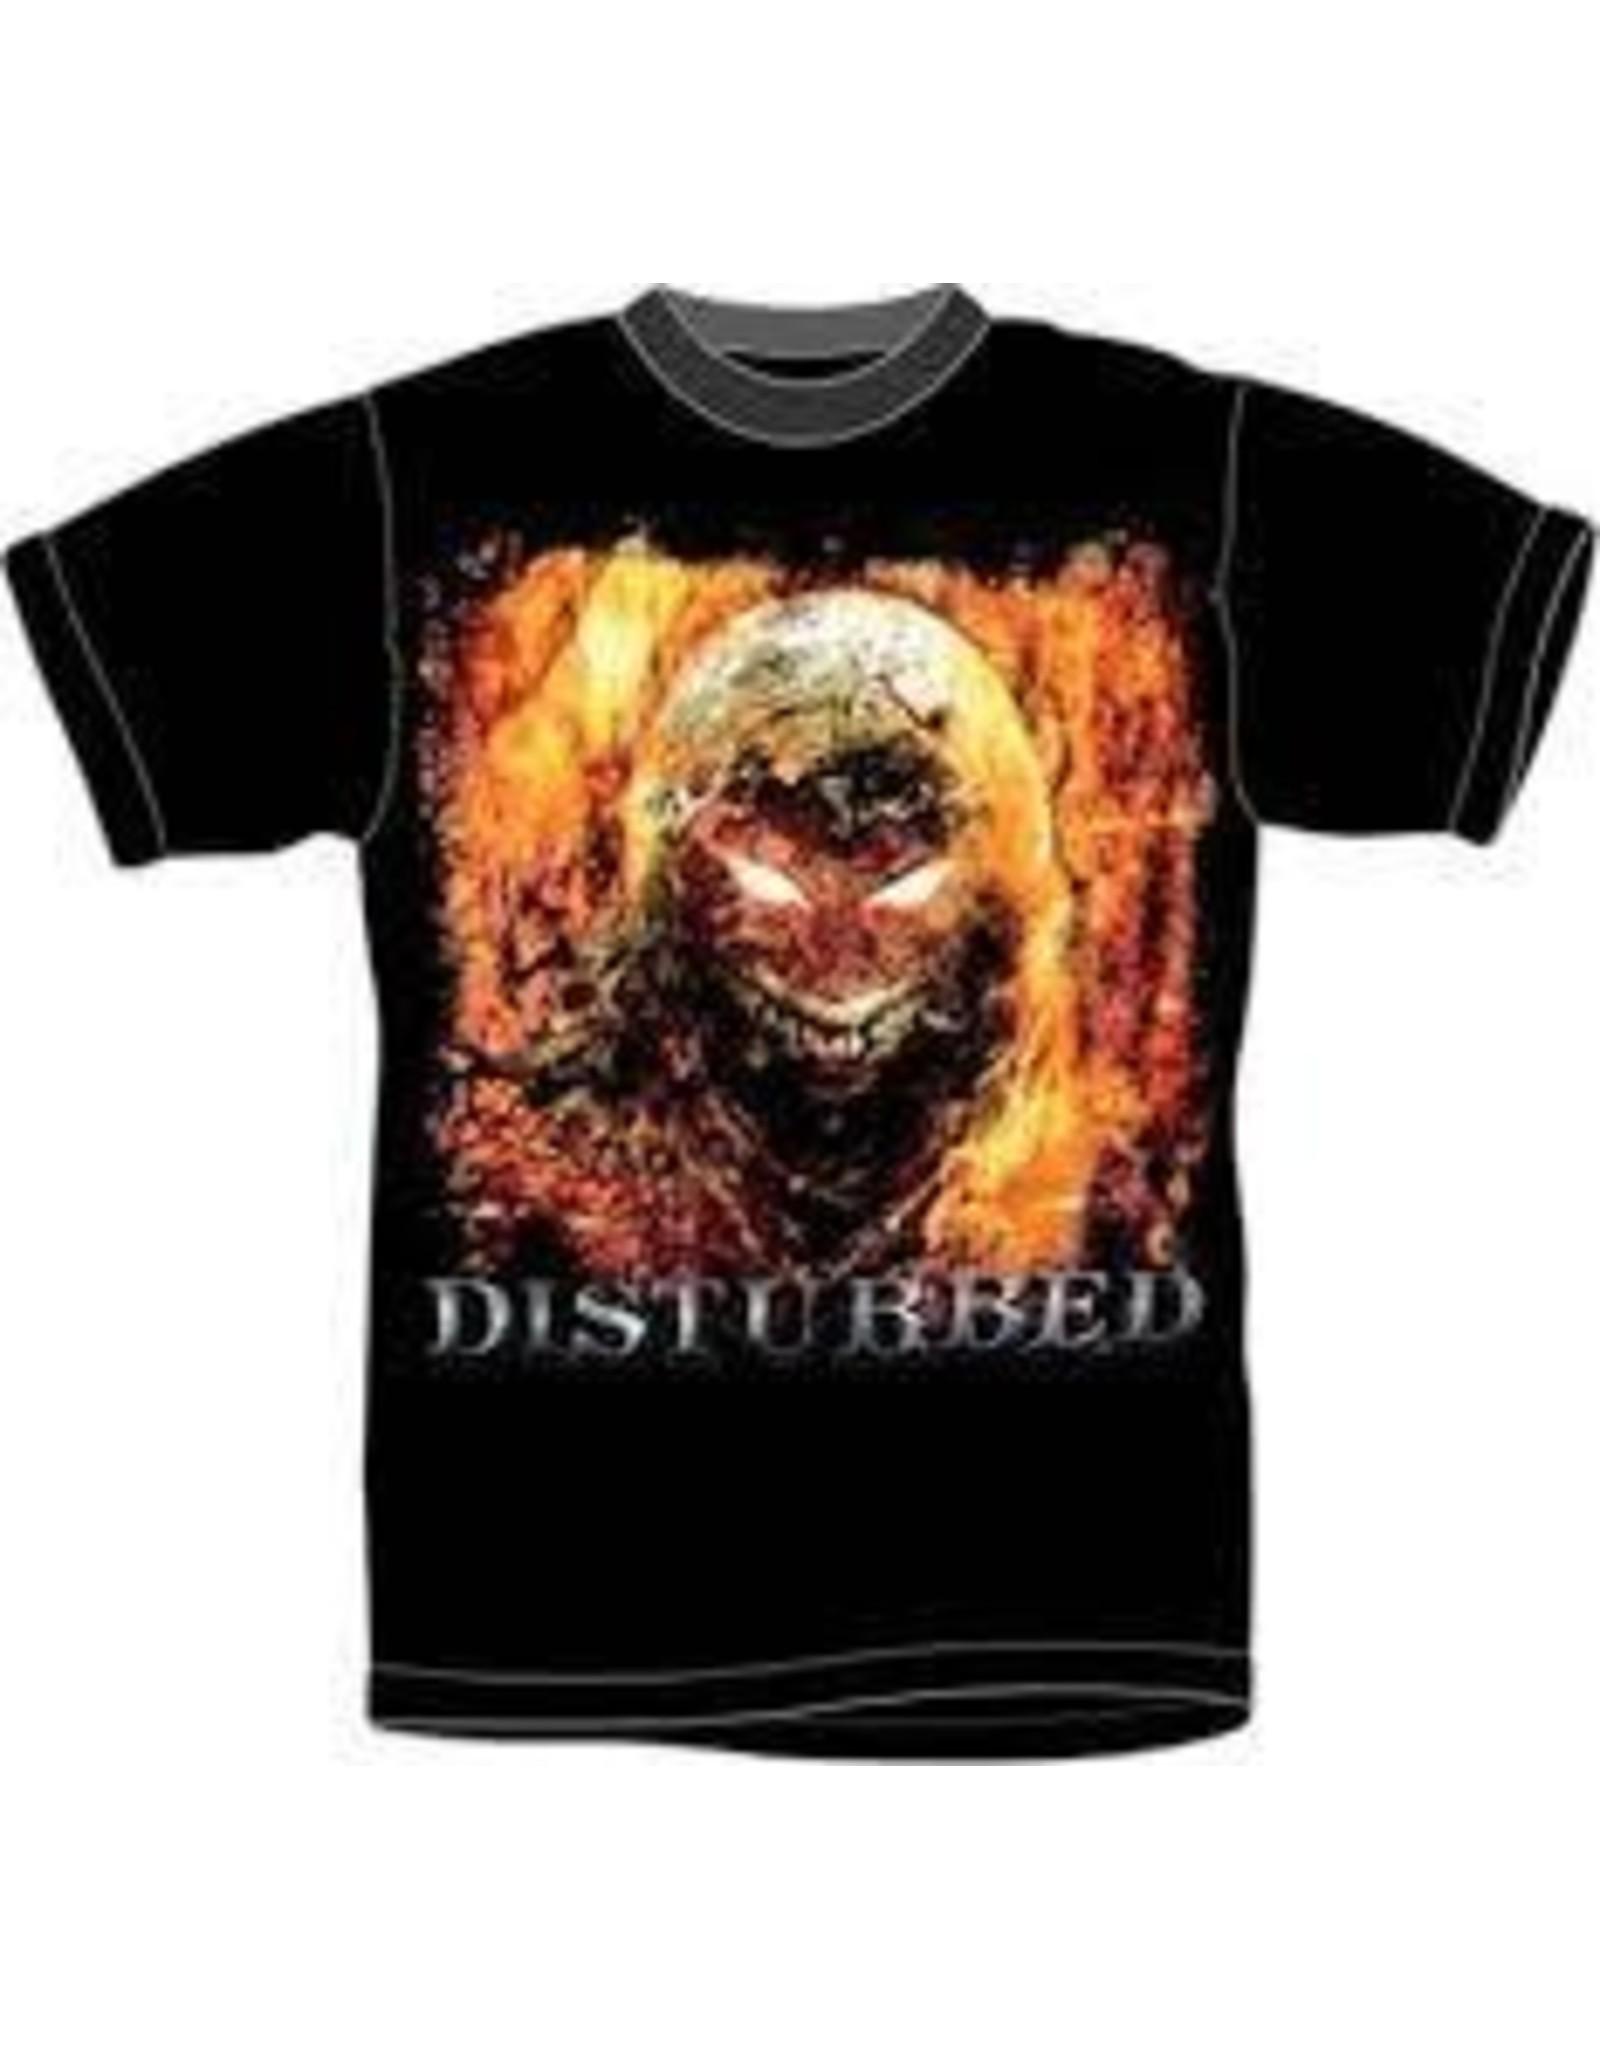 Disturbed Fire Face Shirt